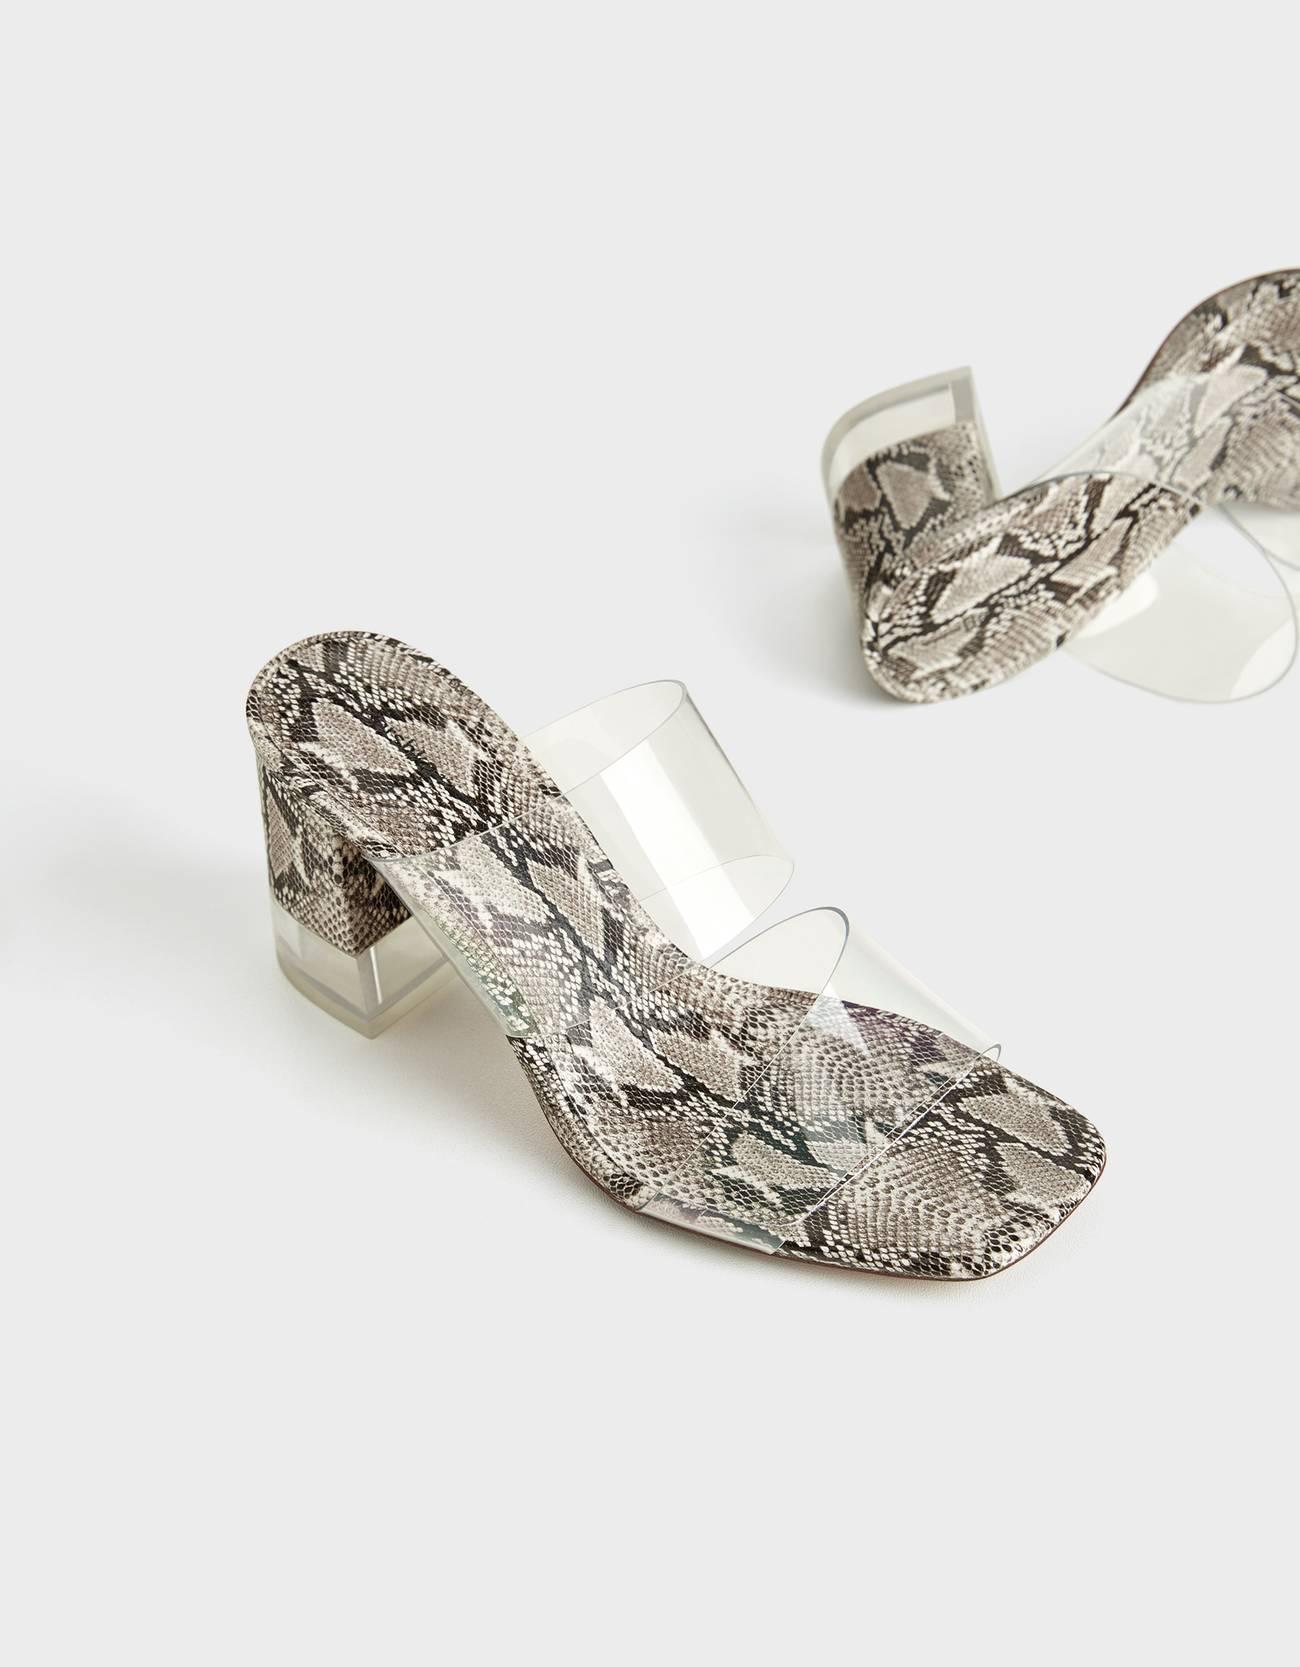 Sandalias de vinilo con estampado animal y tacón transparente